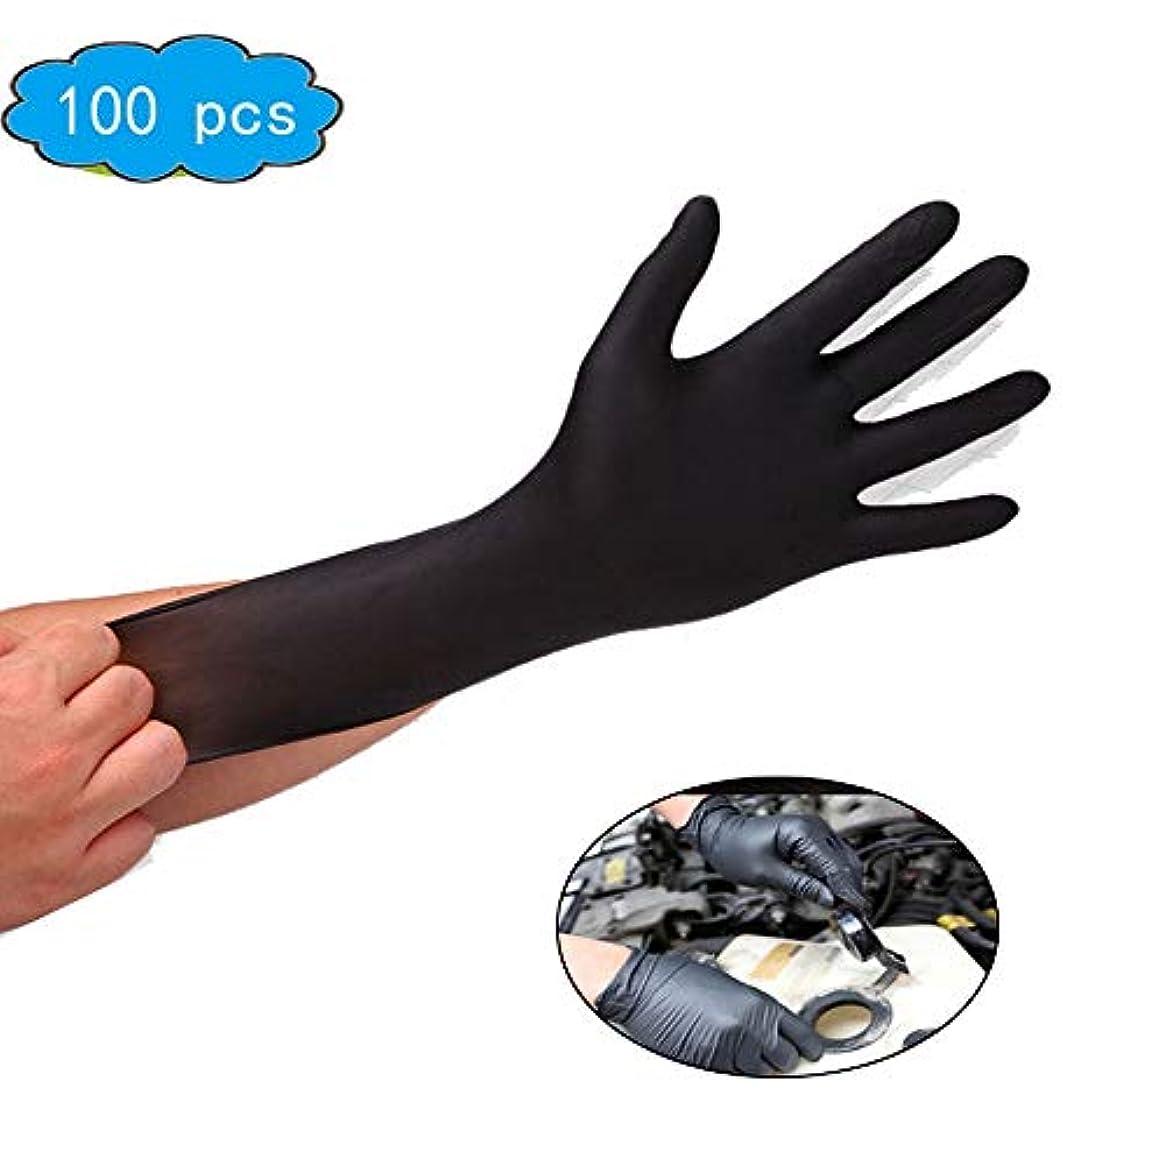 適合受け継ぐアロング使い捨てニトリル手袋、6 Mil、黒、サイズL、厚く、1パックあたり100個、工具と家庭の改善、家庭用クリーニンググローブ (Color : Black, Size : L)